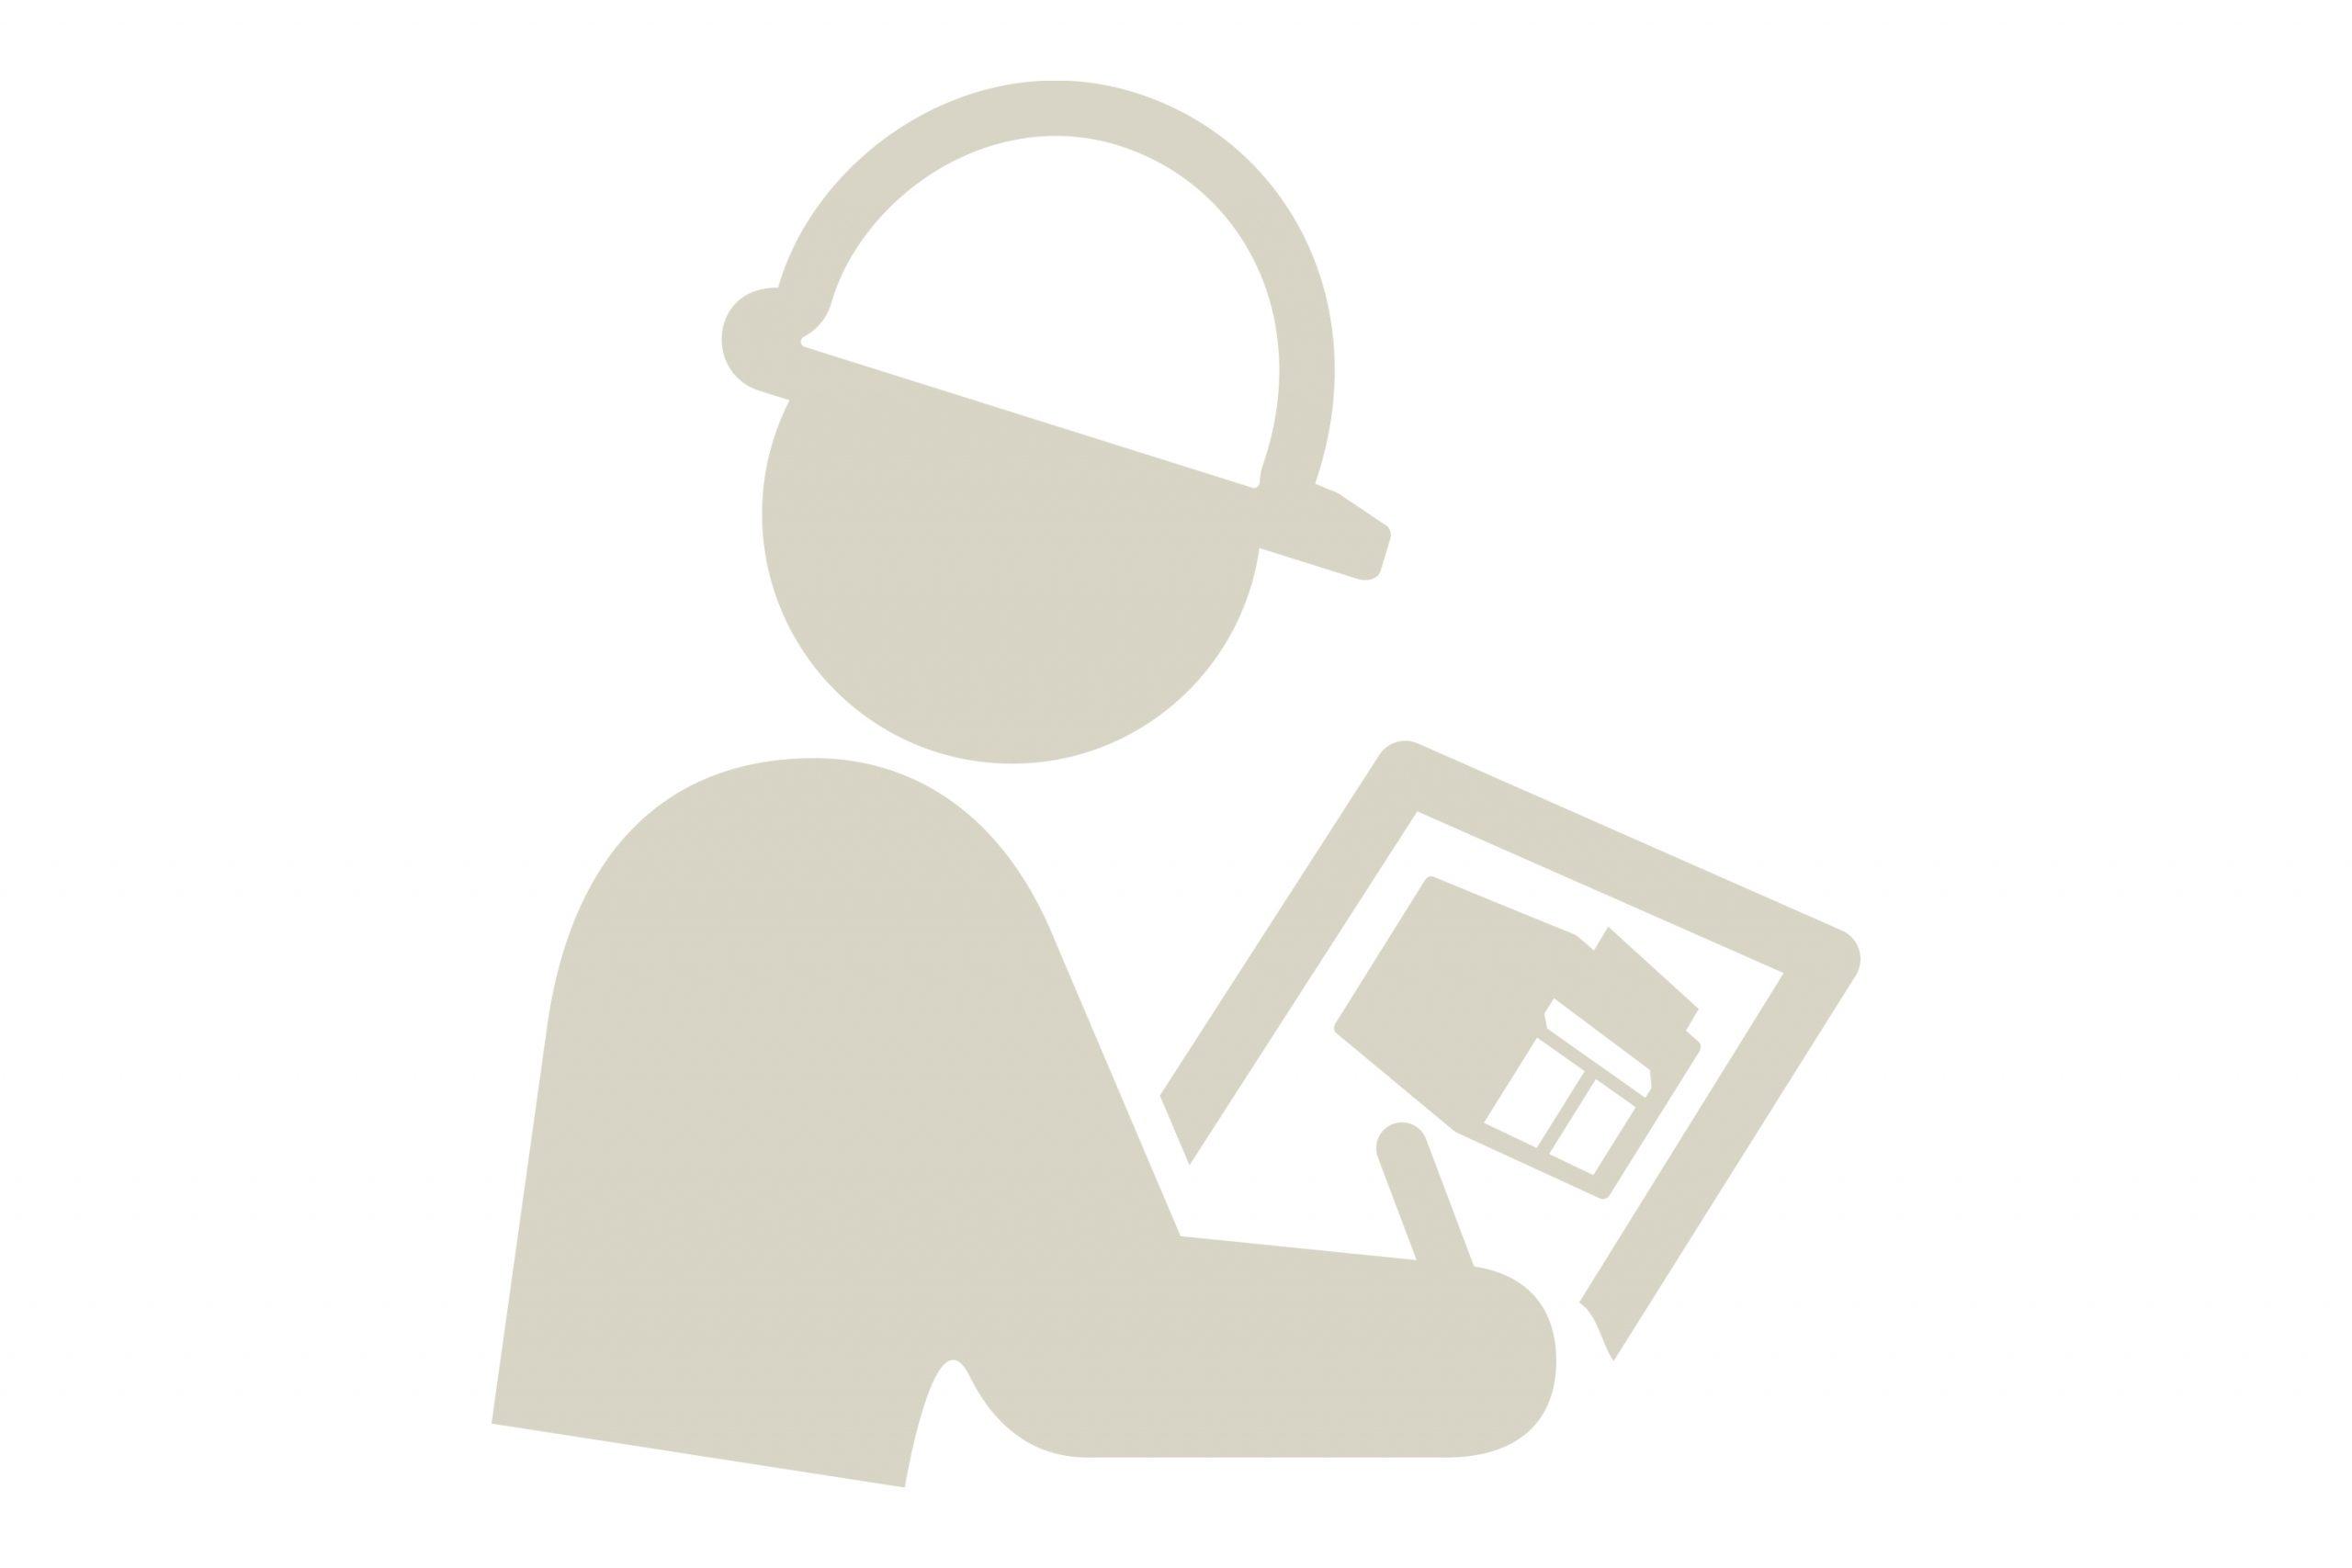 neu bauen, umbauen oder energetisch optimieren Logo